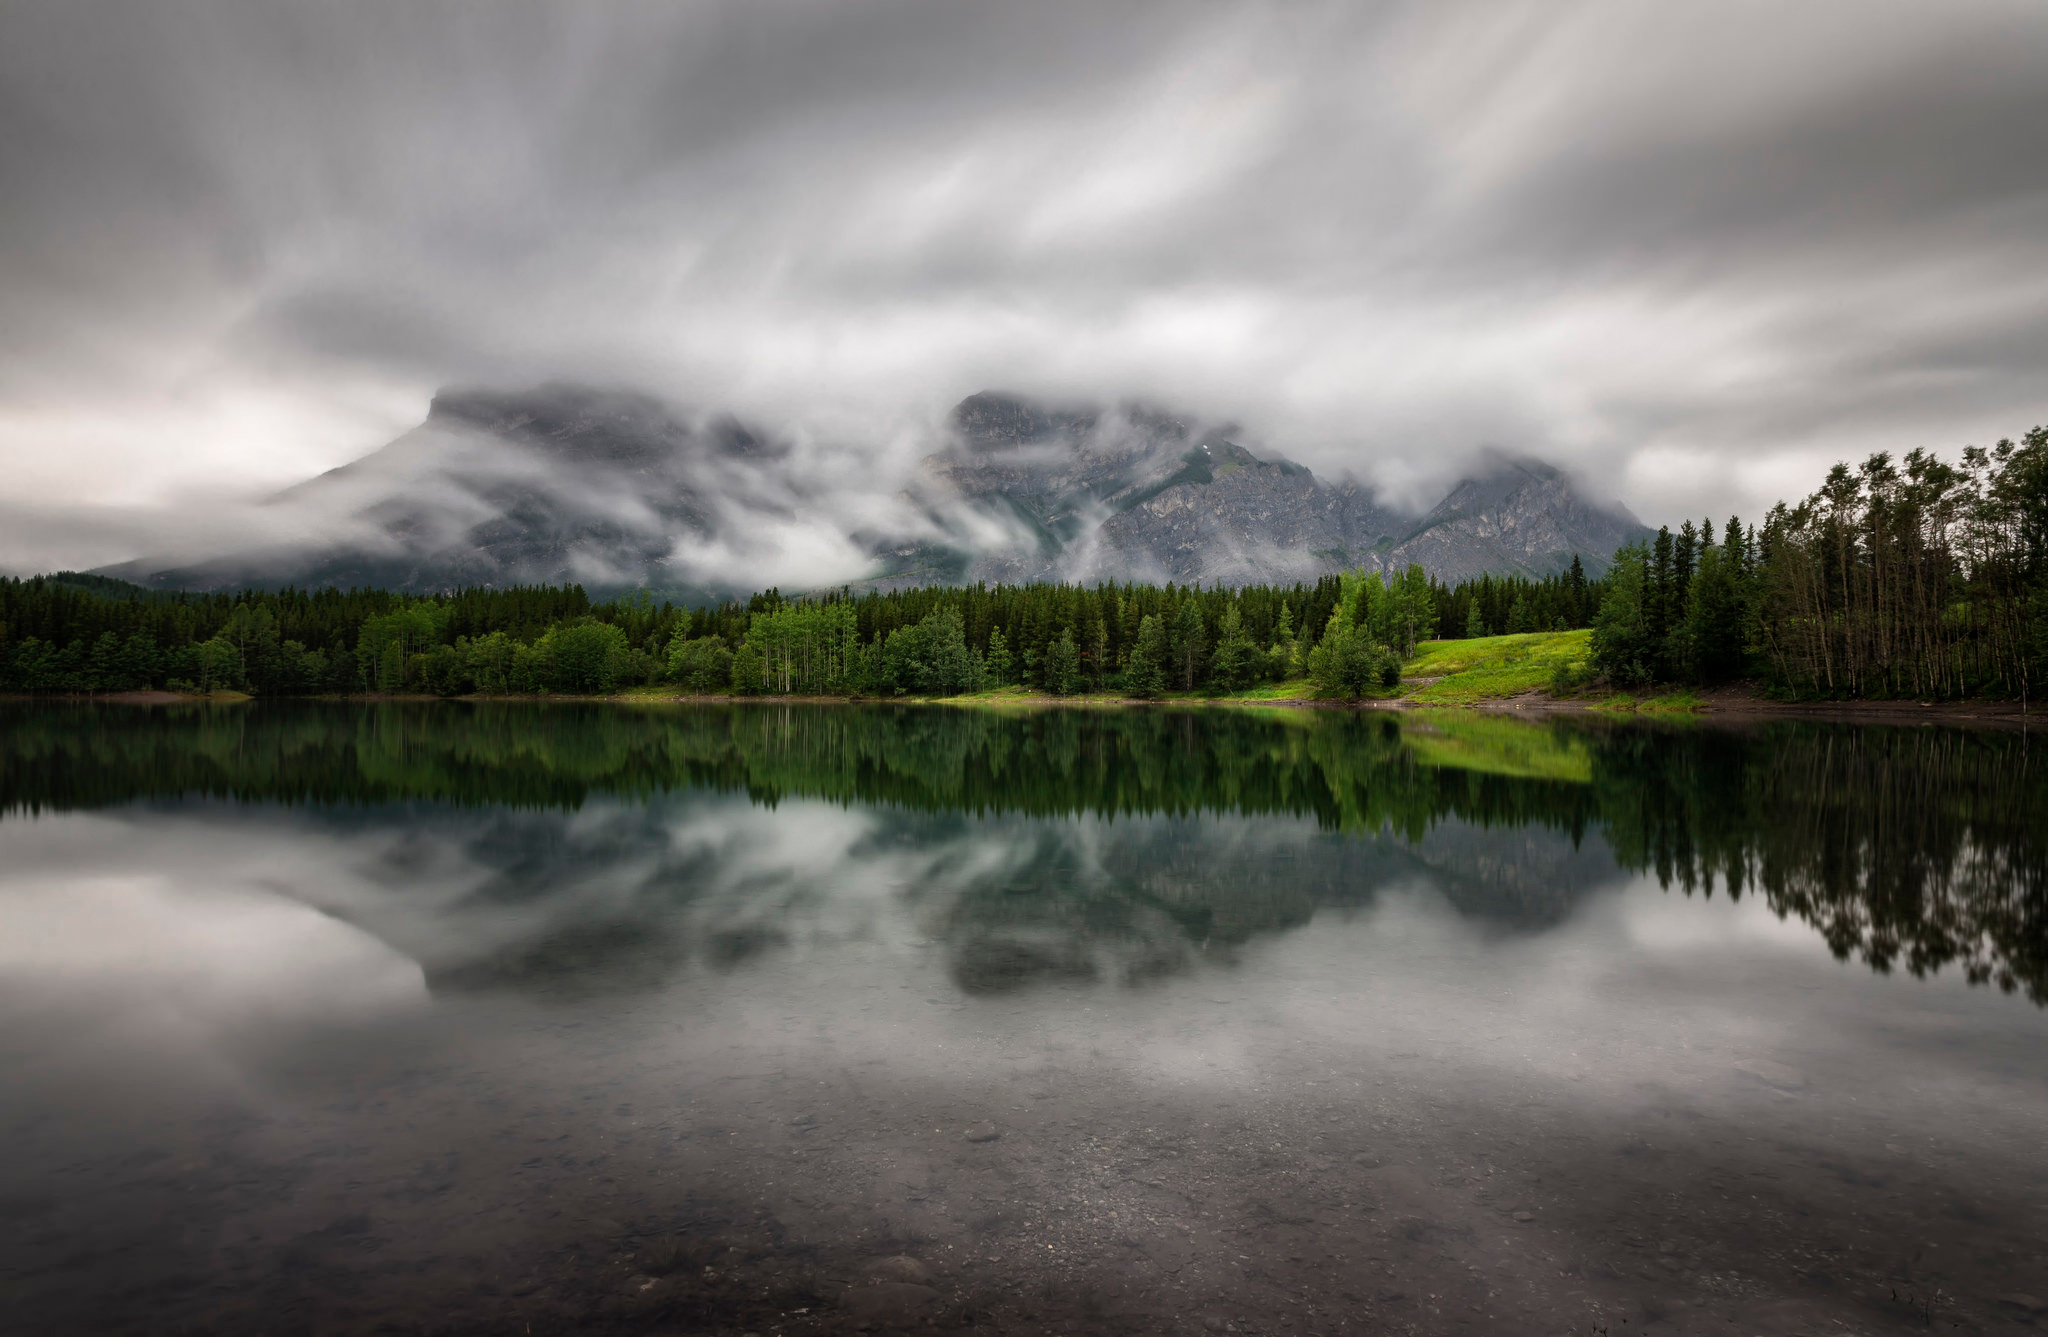 Облака над озером, галька, горы, лес  № 2950487 без смс